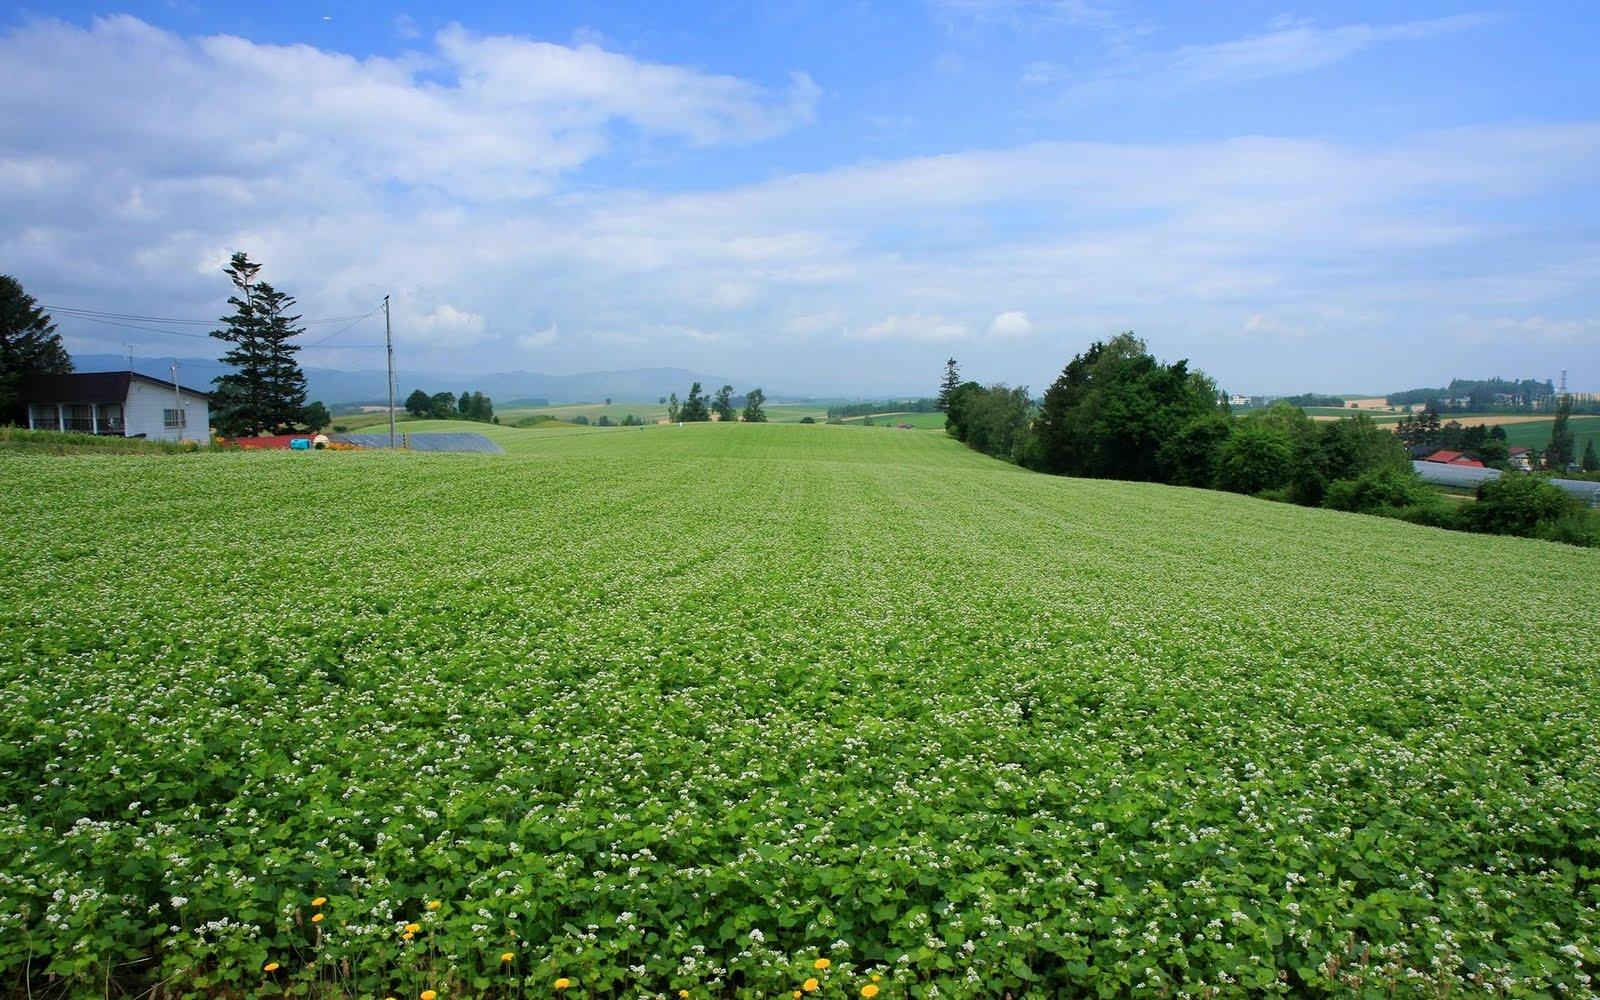 japan hokkaido landscape image - photo #27